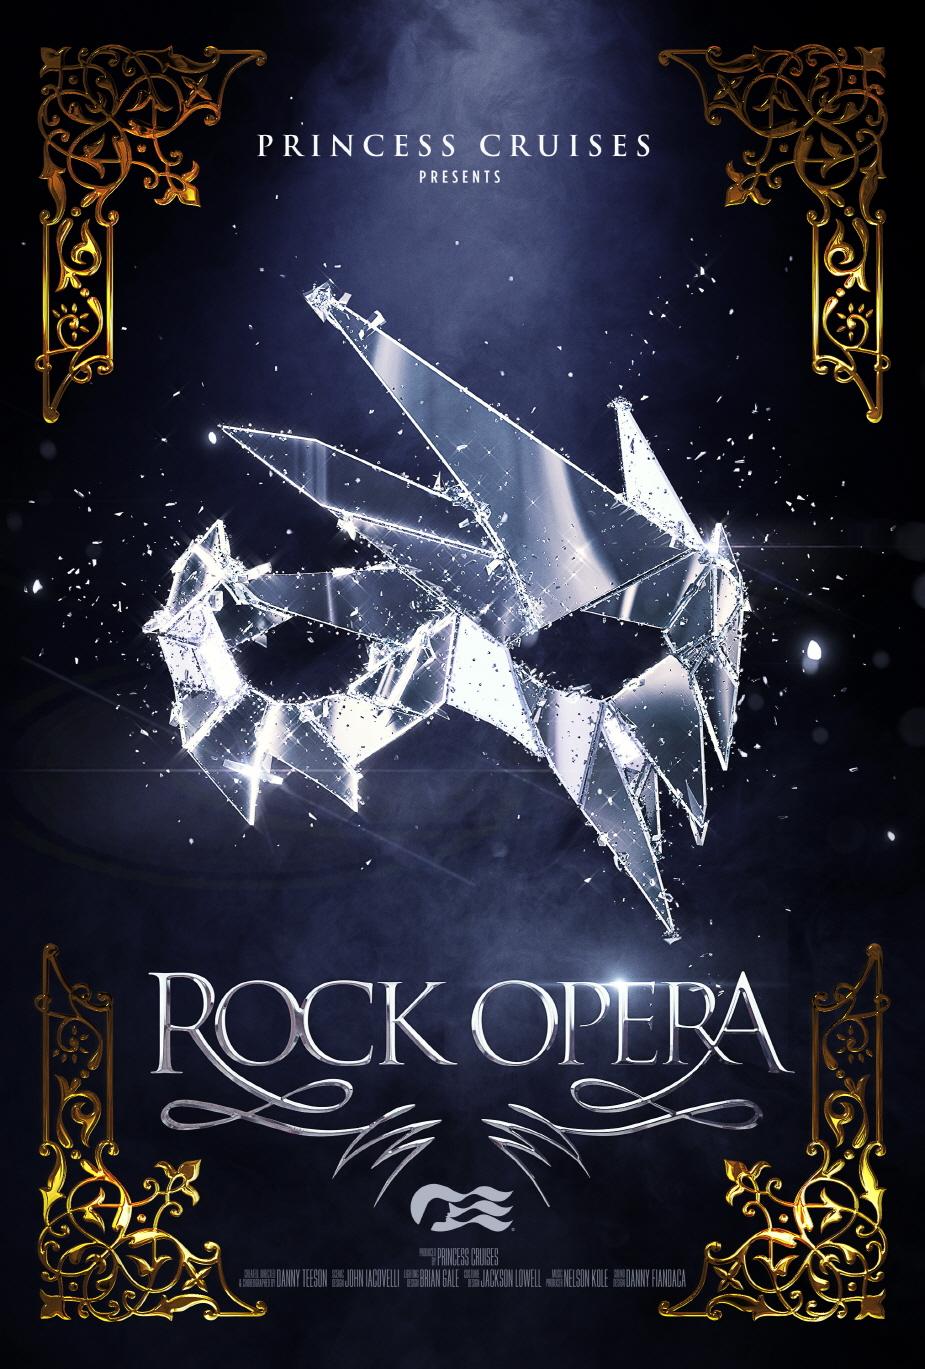 1프린세스 크루즈_록 오페라 포스터.jpg